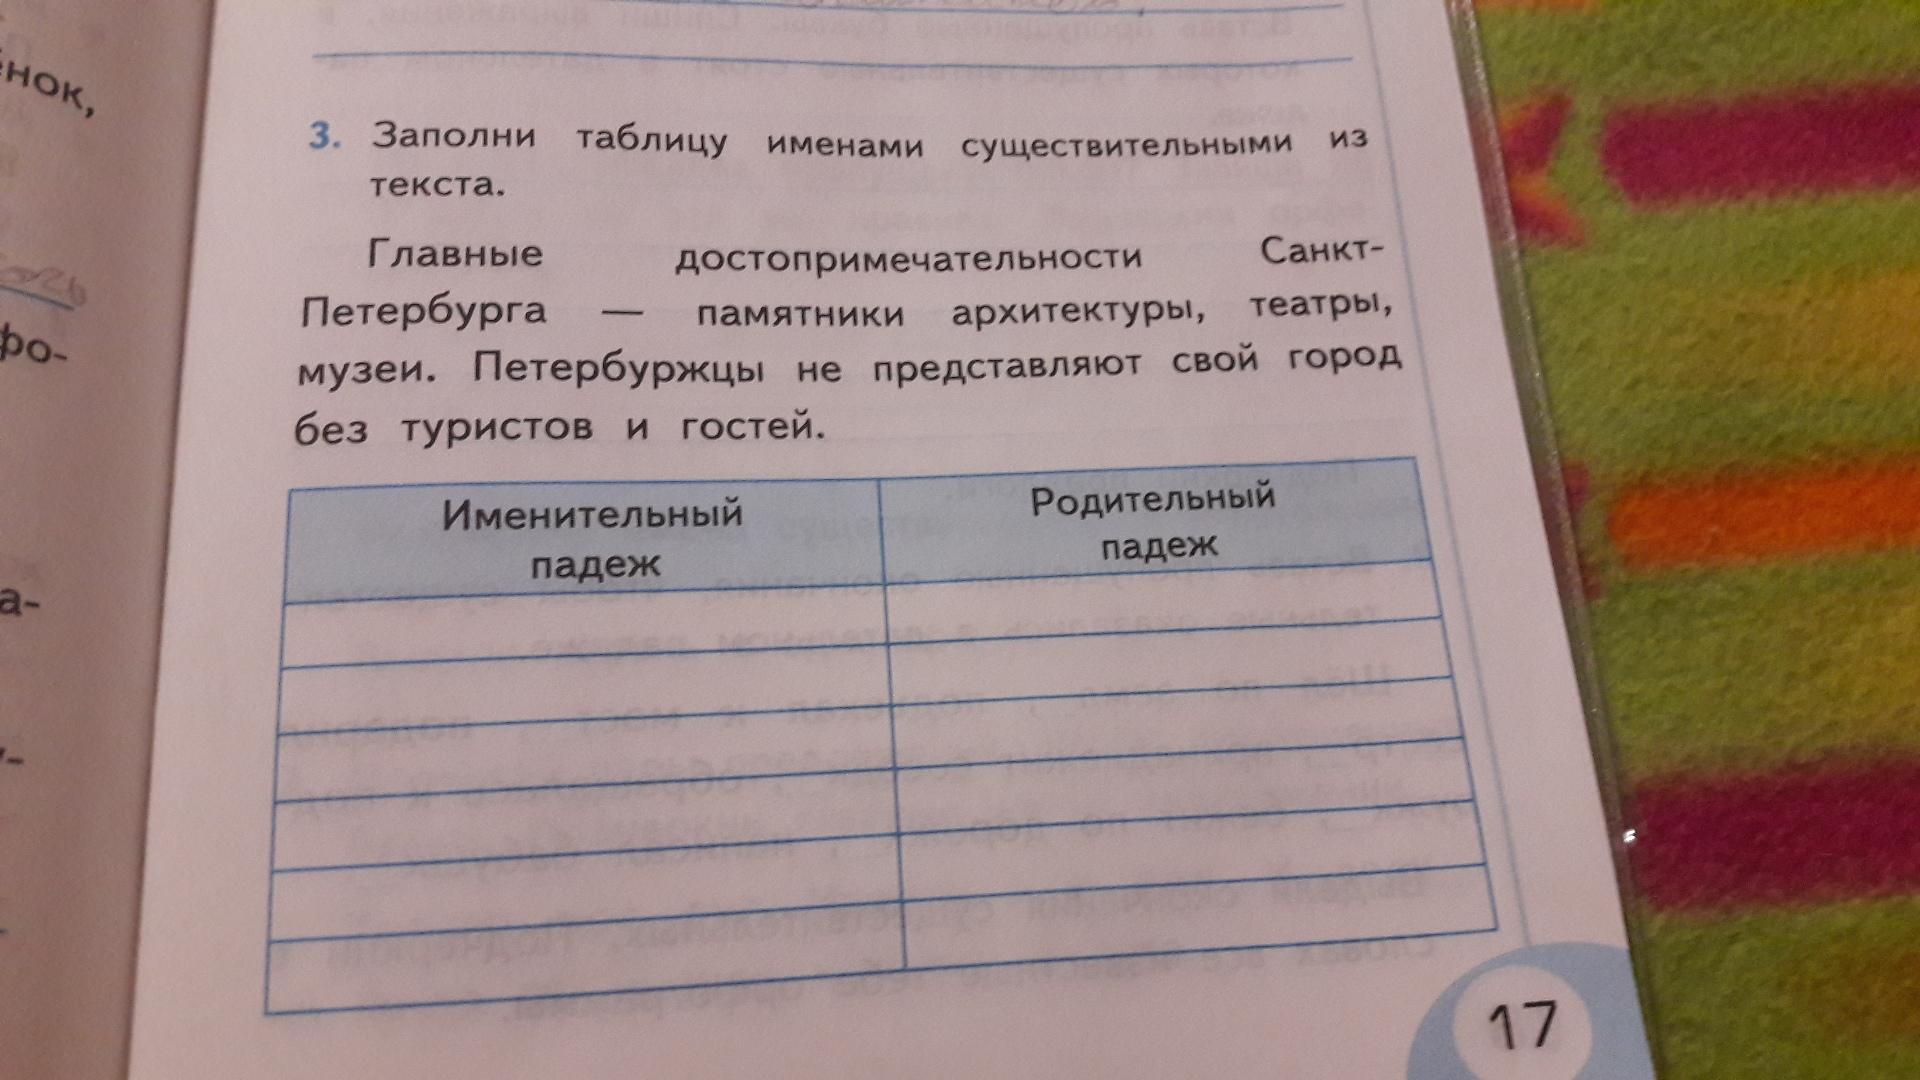 Заполни таблицу именами существительными из текста?